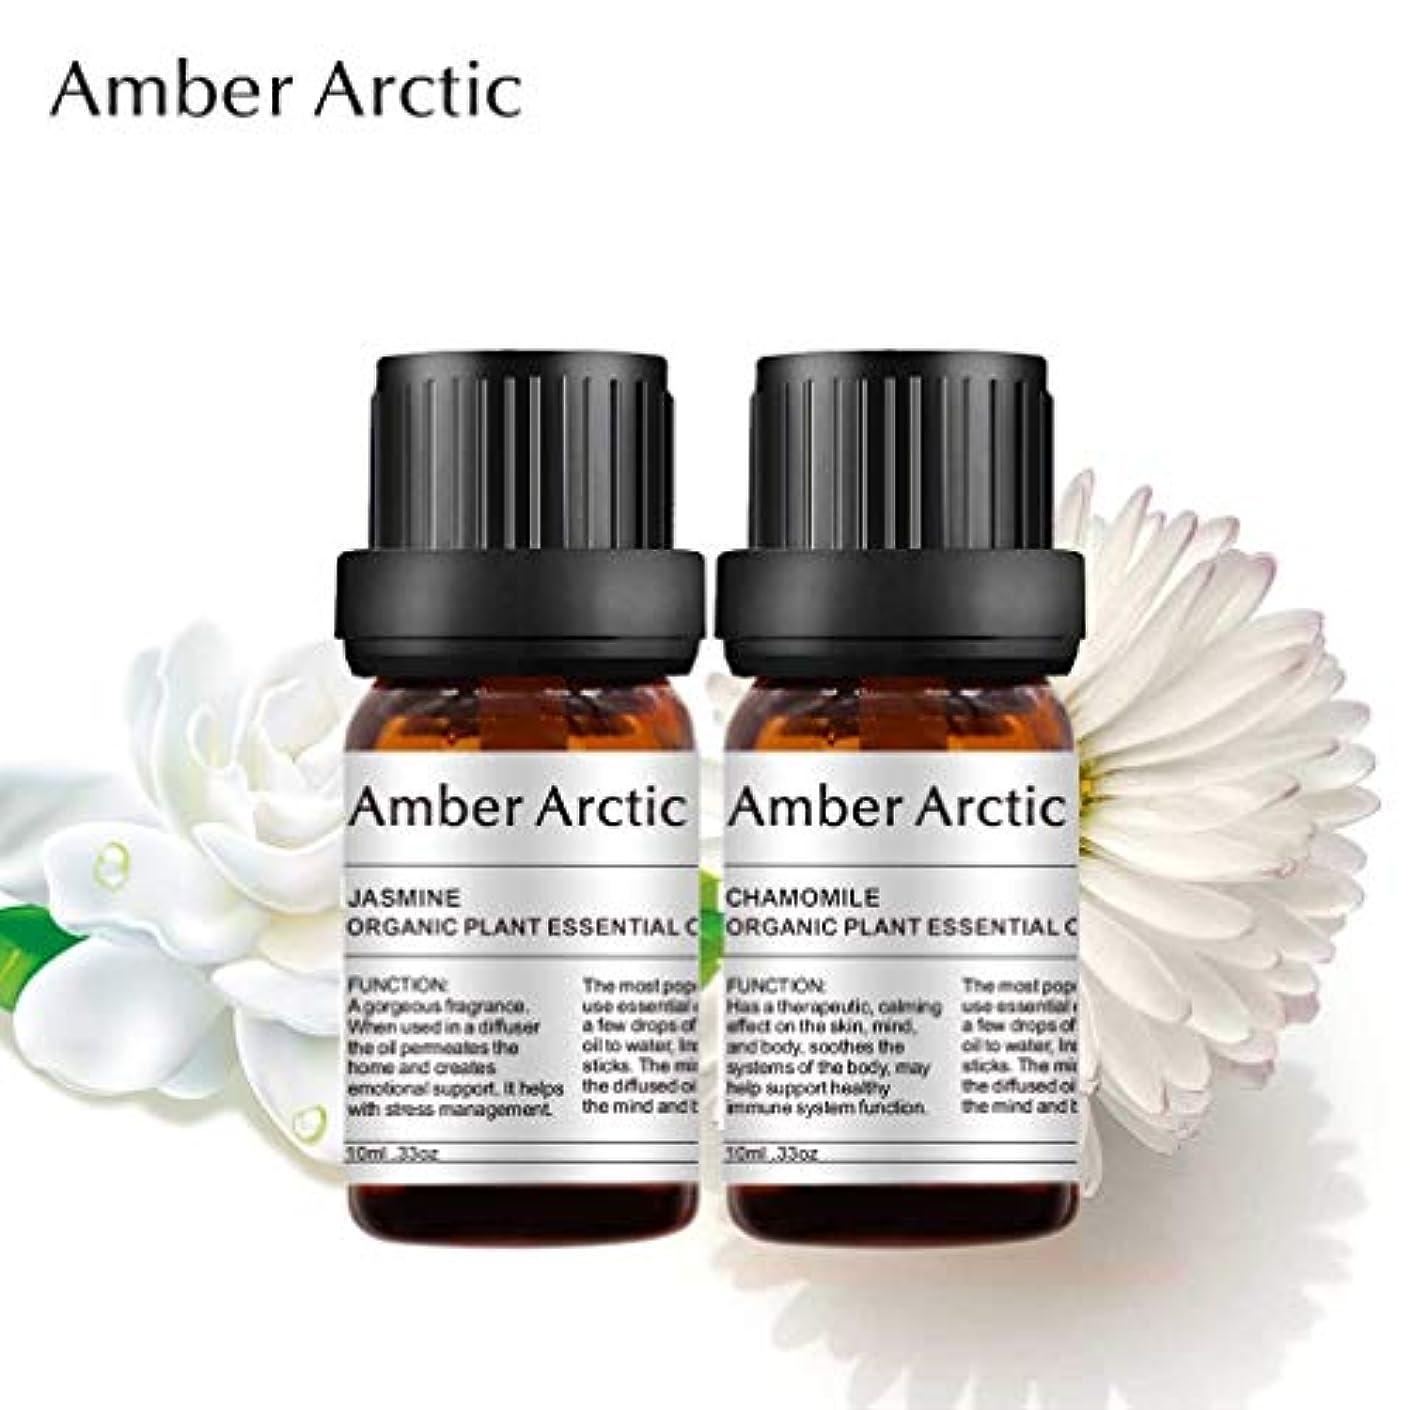 メニュー過度の簡略化するAmber Arctic カモミール ジャスミン 精油 セット、 ディフューザ 2×10 ミリリットル 100% 純粋 天然 アロマ エッセンシャル オイル